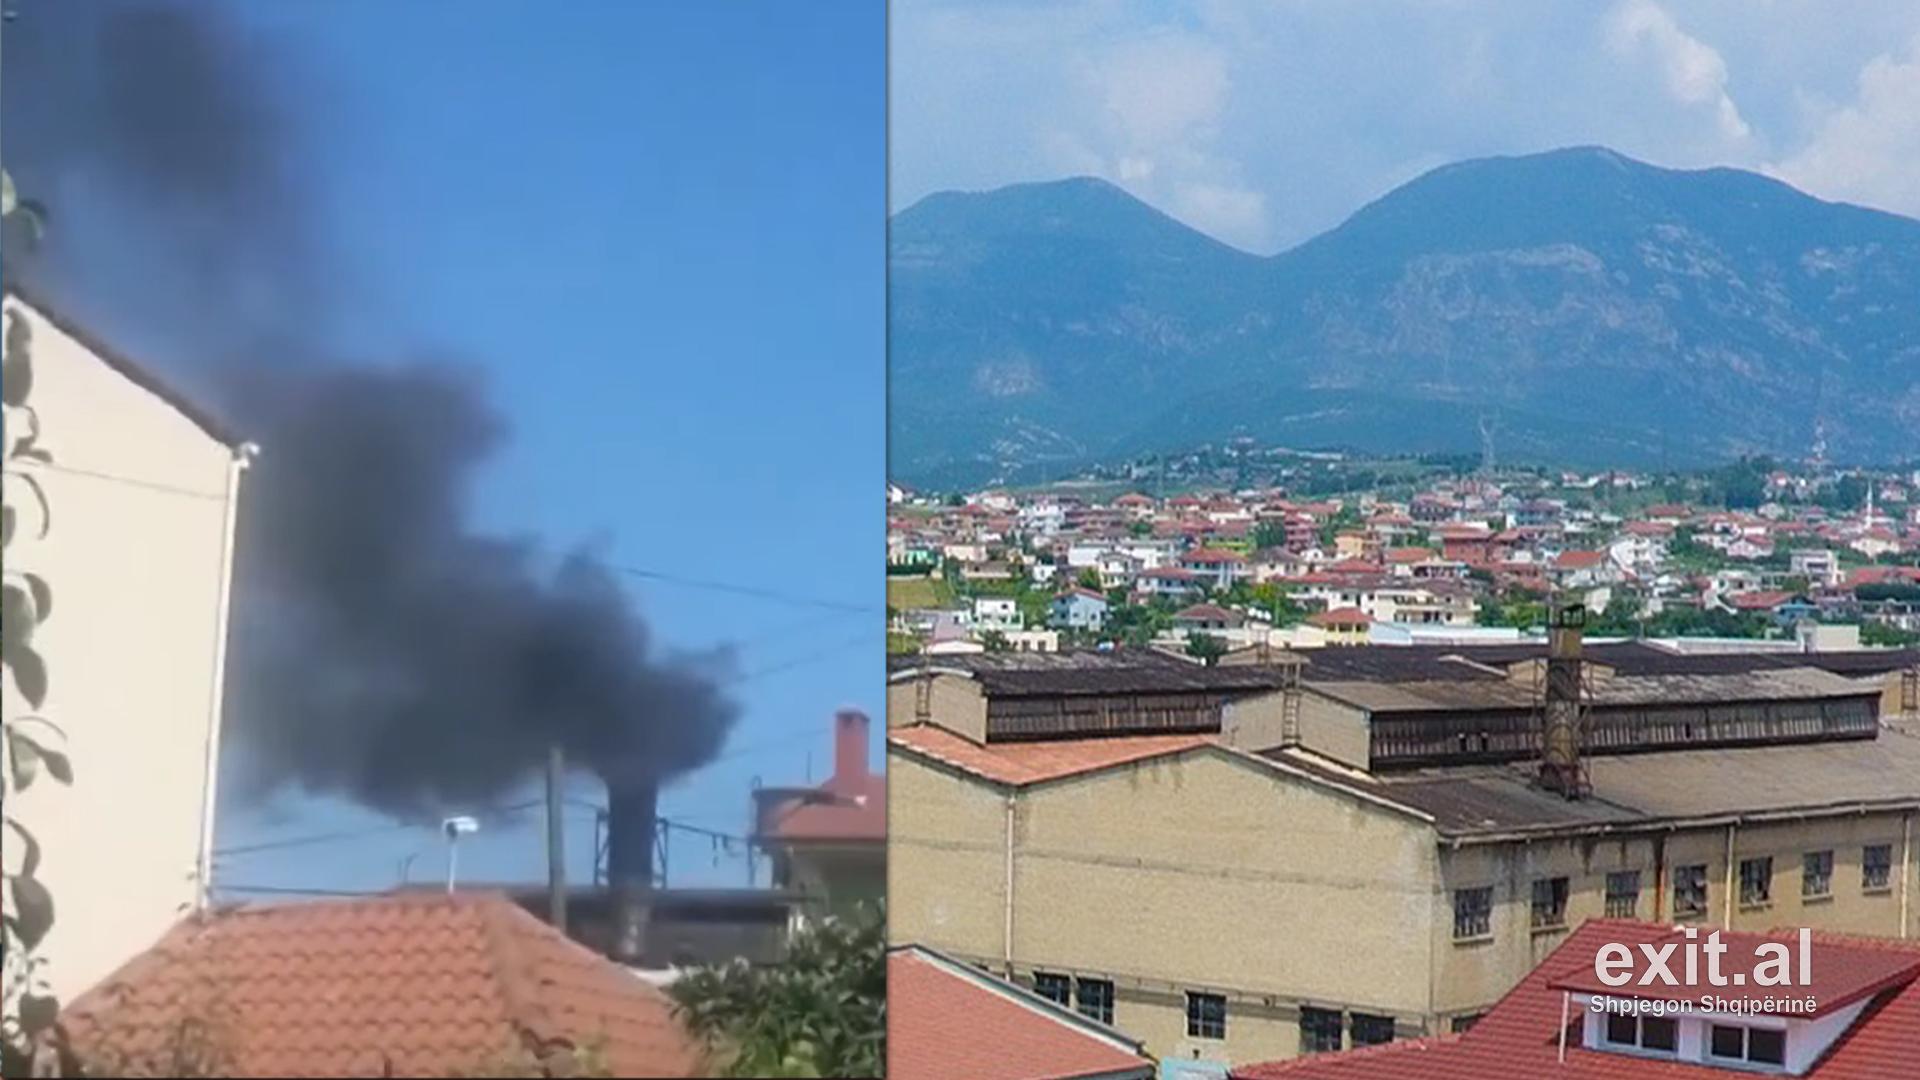 Fabrika e tullave në Laprakë ndot rëndë mjedisin, protestojnë banorët